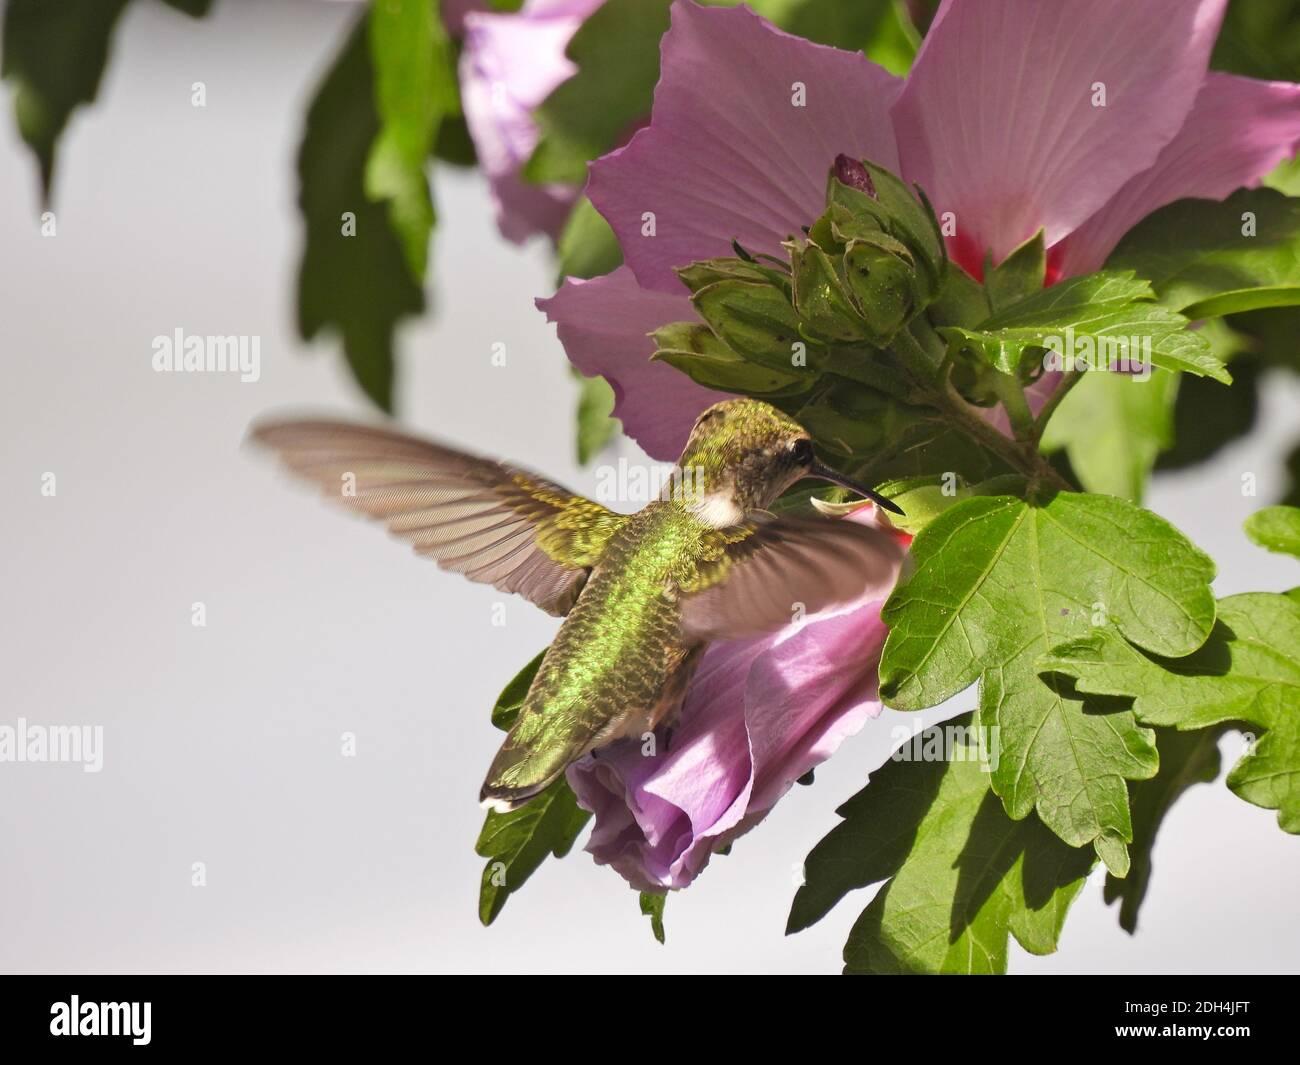 Rubinkehlige Kolibri im Flug Sammeln Nektar von Rose of Sharon Blütenblüte Stockfoto